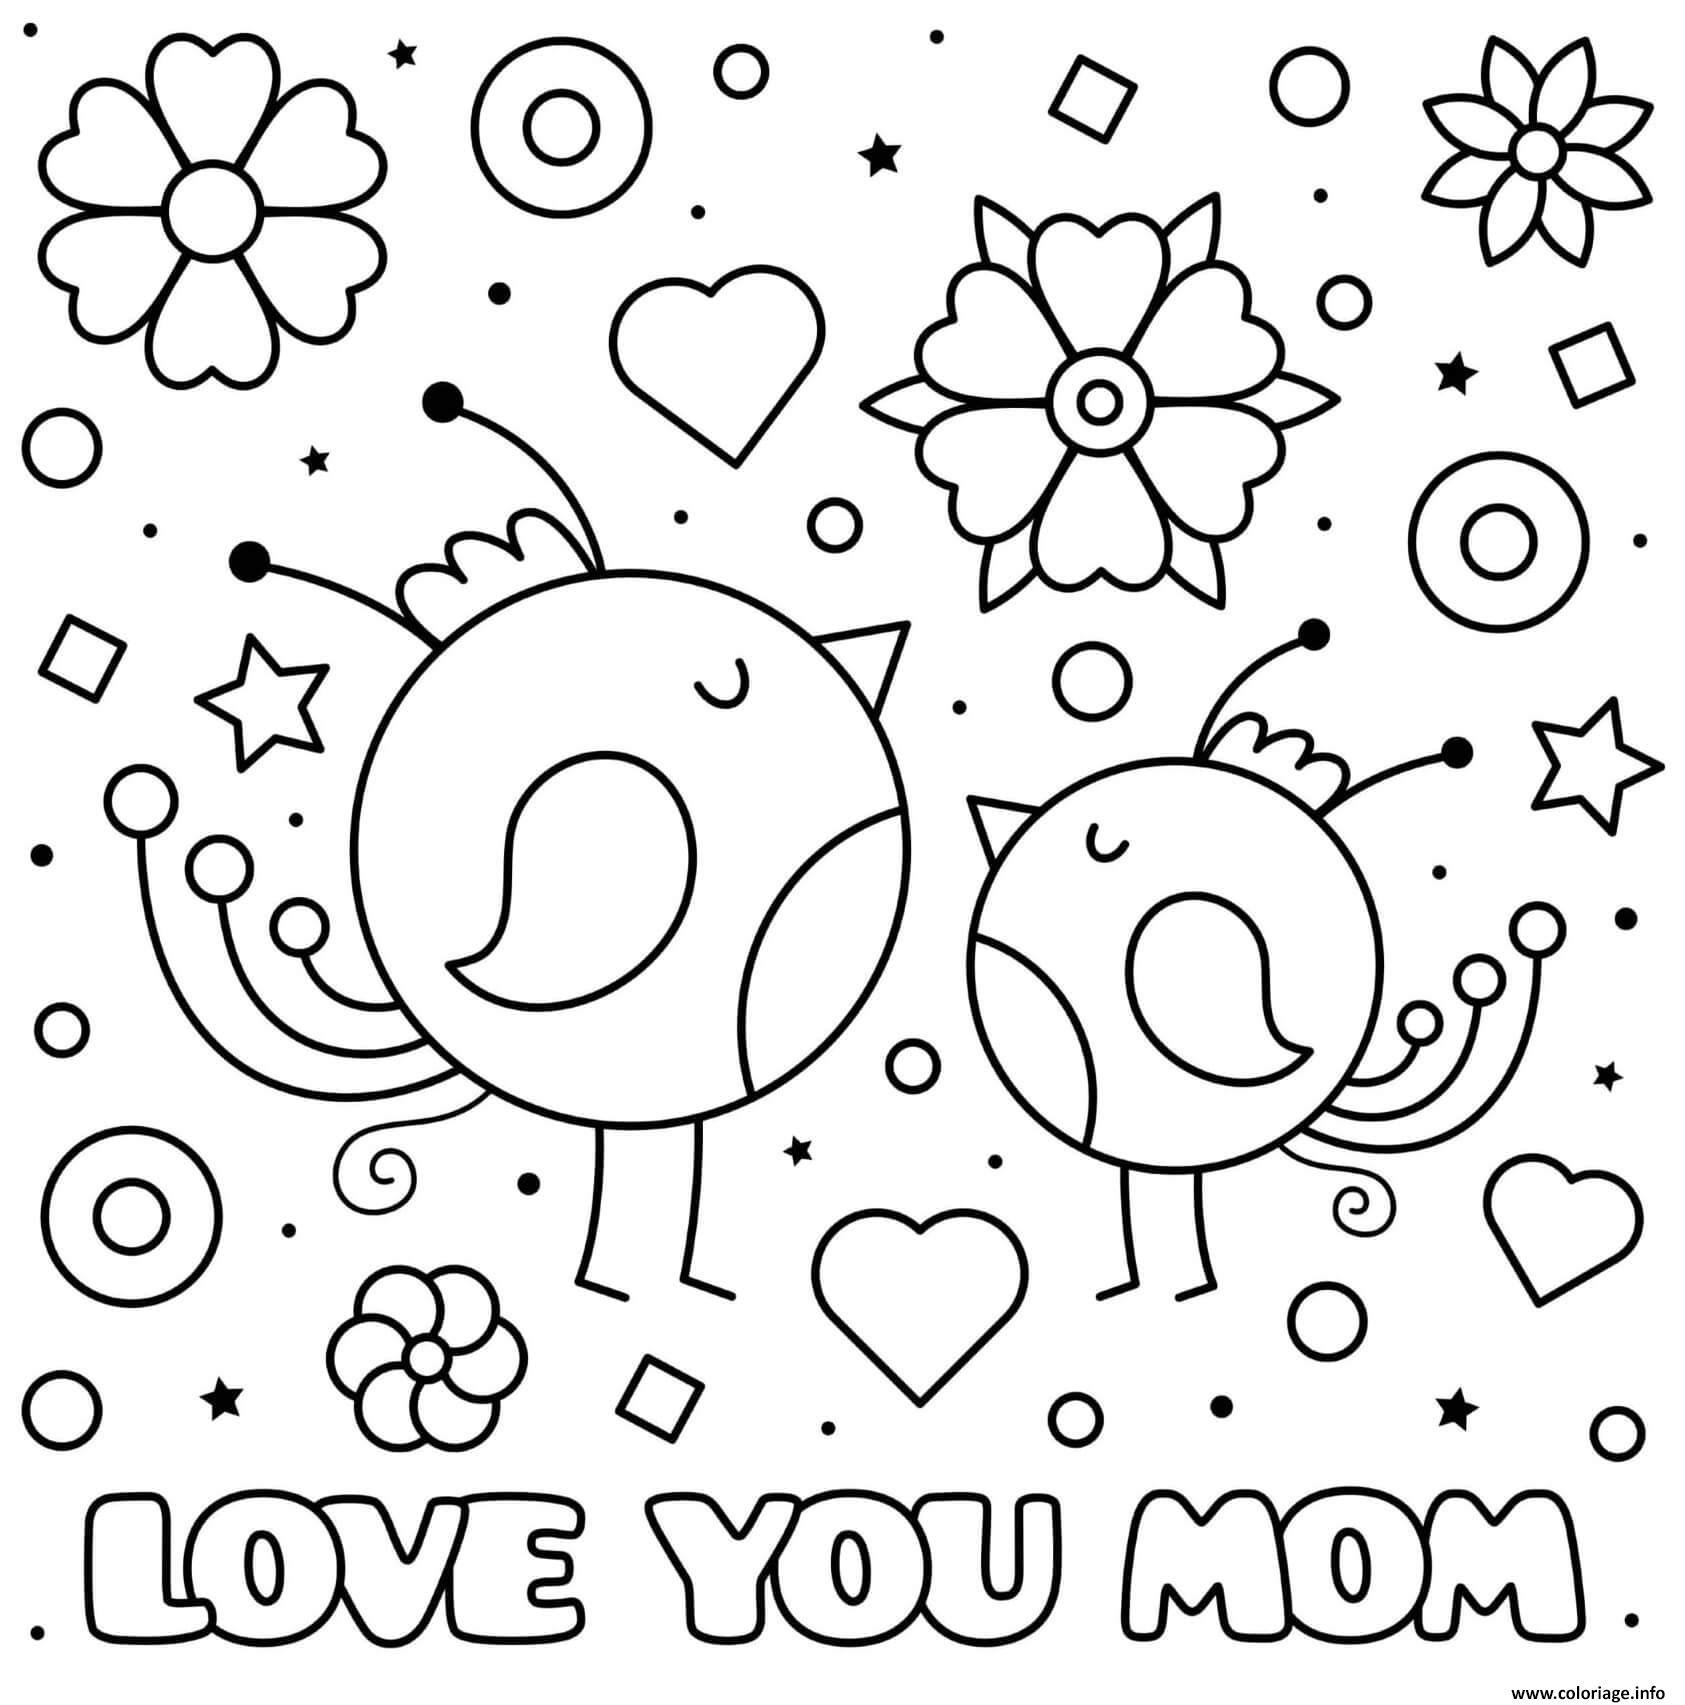 Dessin fete des meres love you maman baby birds coeurs fleurs Coloriage Gratuit à Imprimer